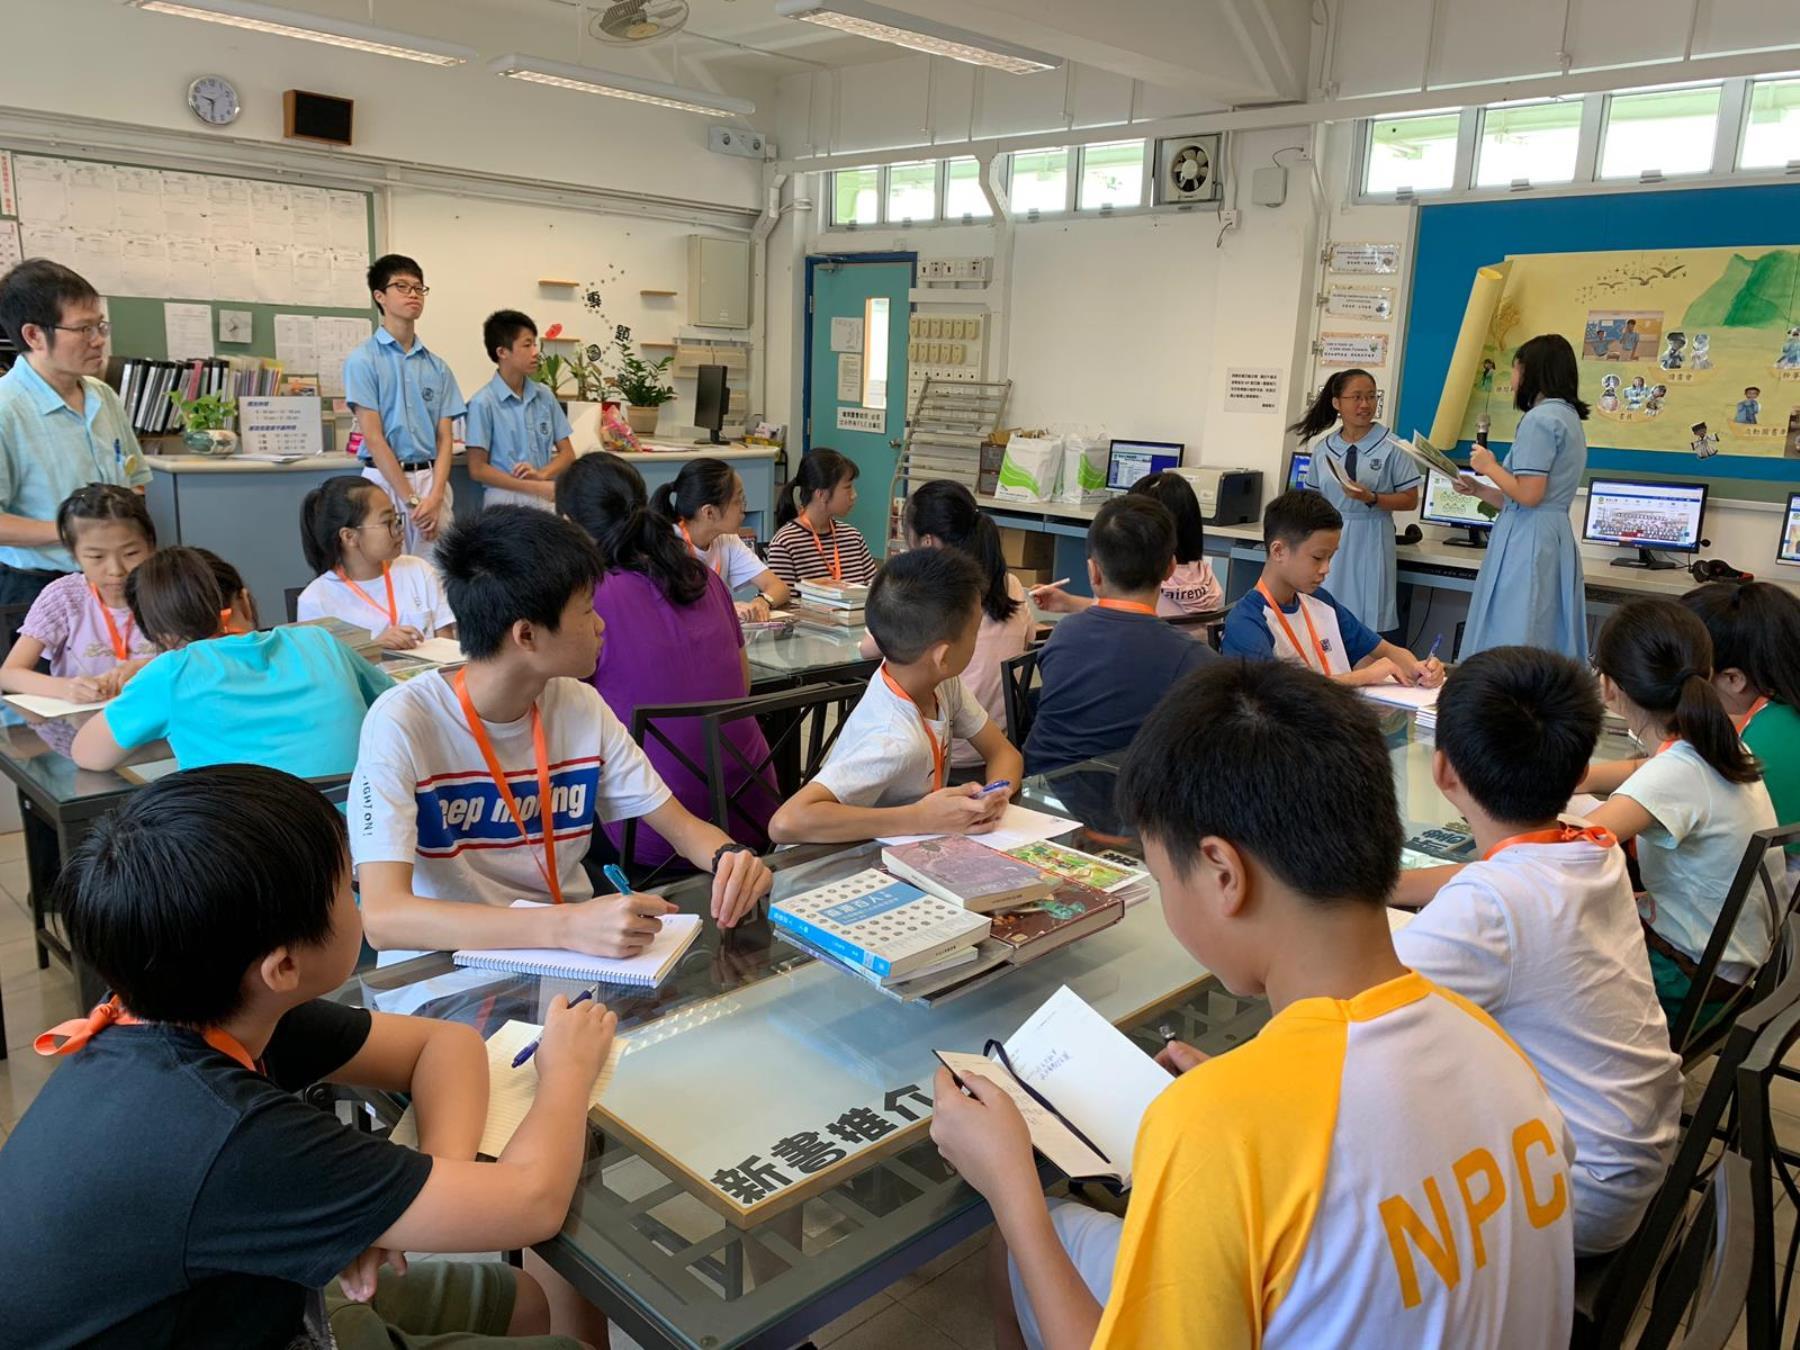 http://npc.edu.hk/sites/default/files/95d360c1-b38e-4604-9399-1f906b83d781.jpg